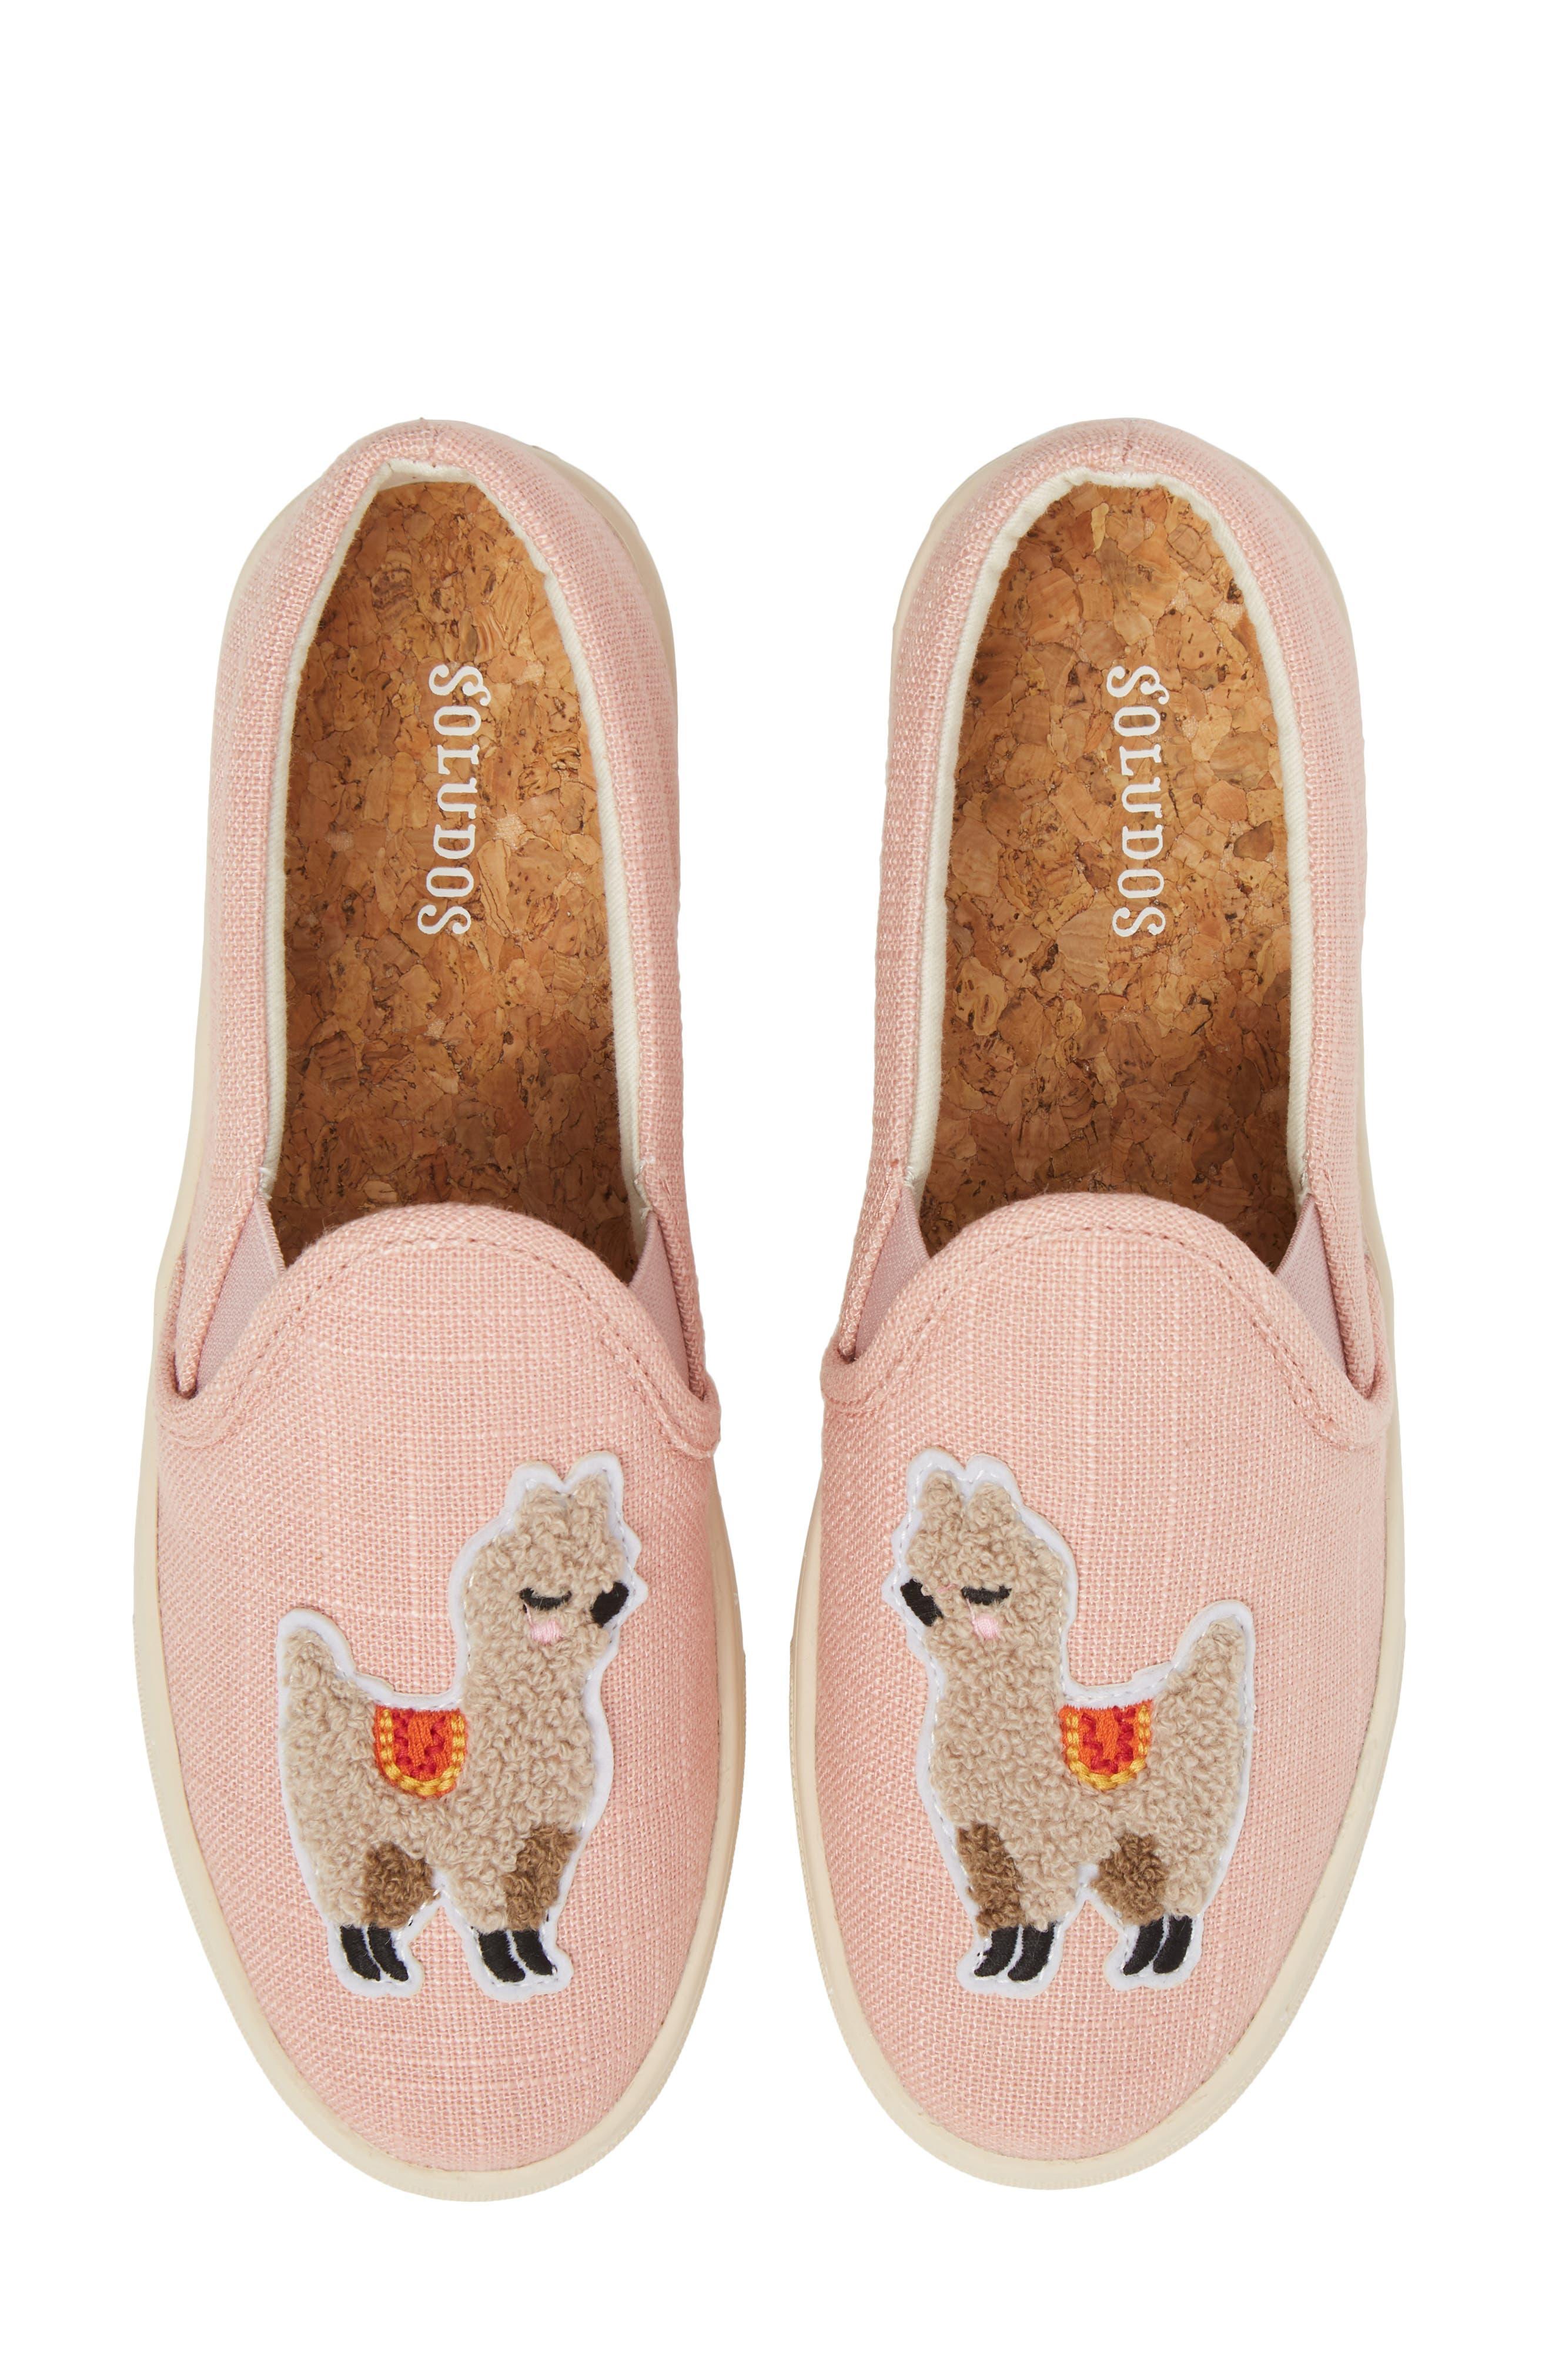 Llama Slip-On Sneaker,                             Main thumbnail 1, color,                             Dusty Rose Fabric